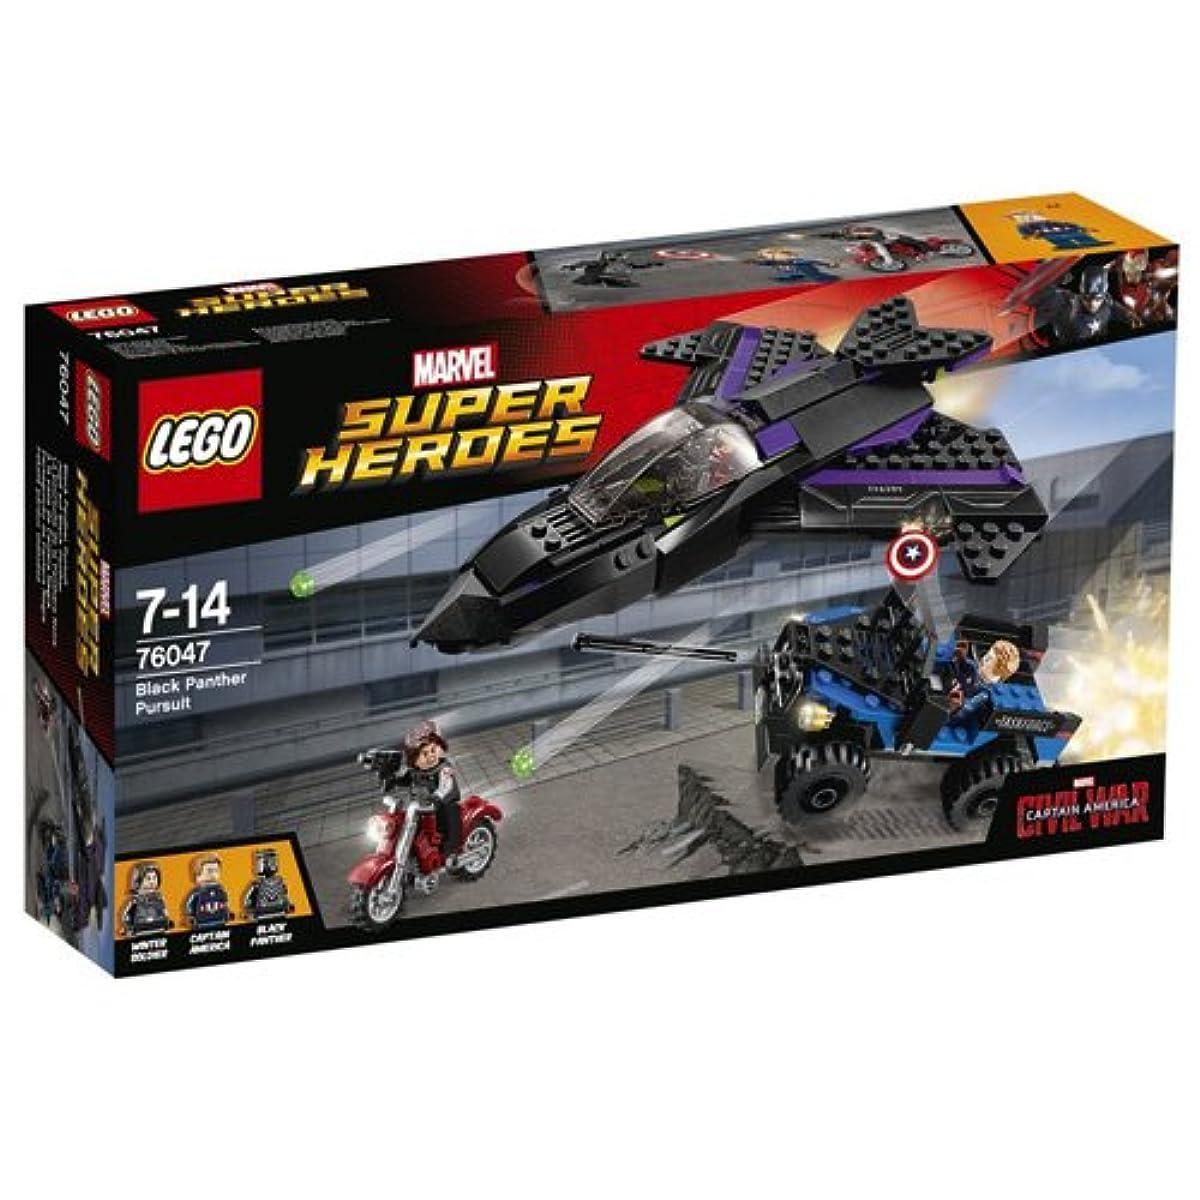 [해외] 레고 (LEGO) 슈퍼히어로즈 블랙팬서의 추적 76047-76047 (2016-03-04)